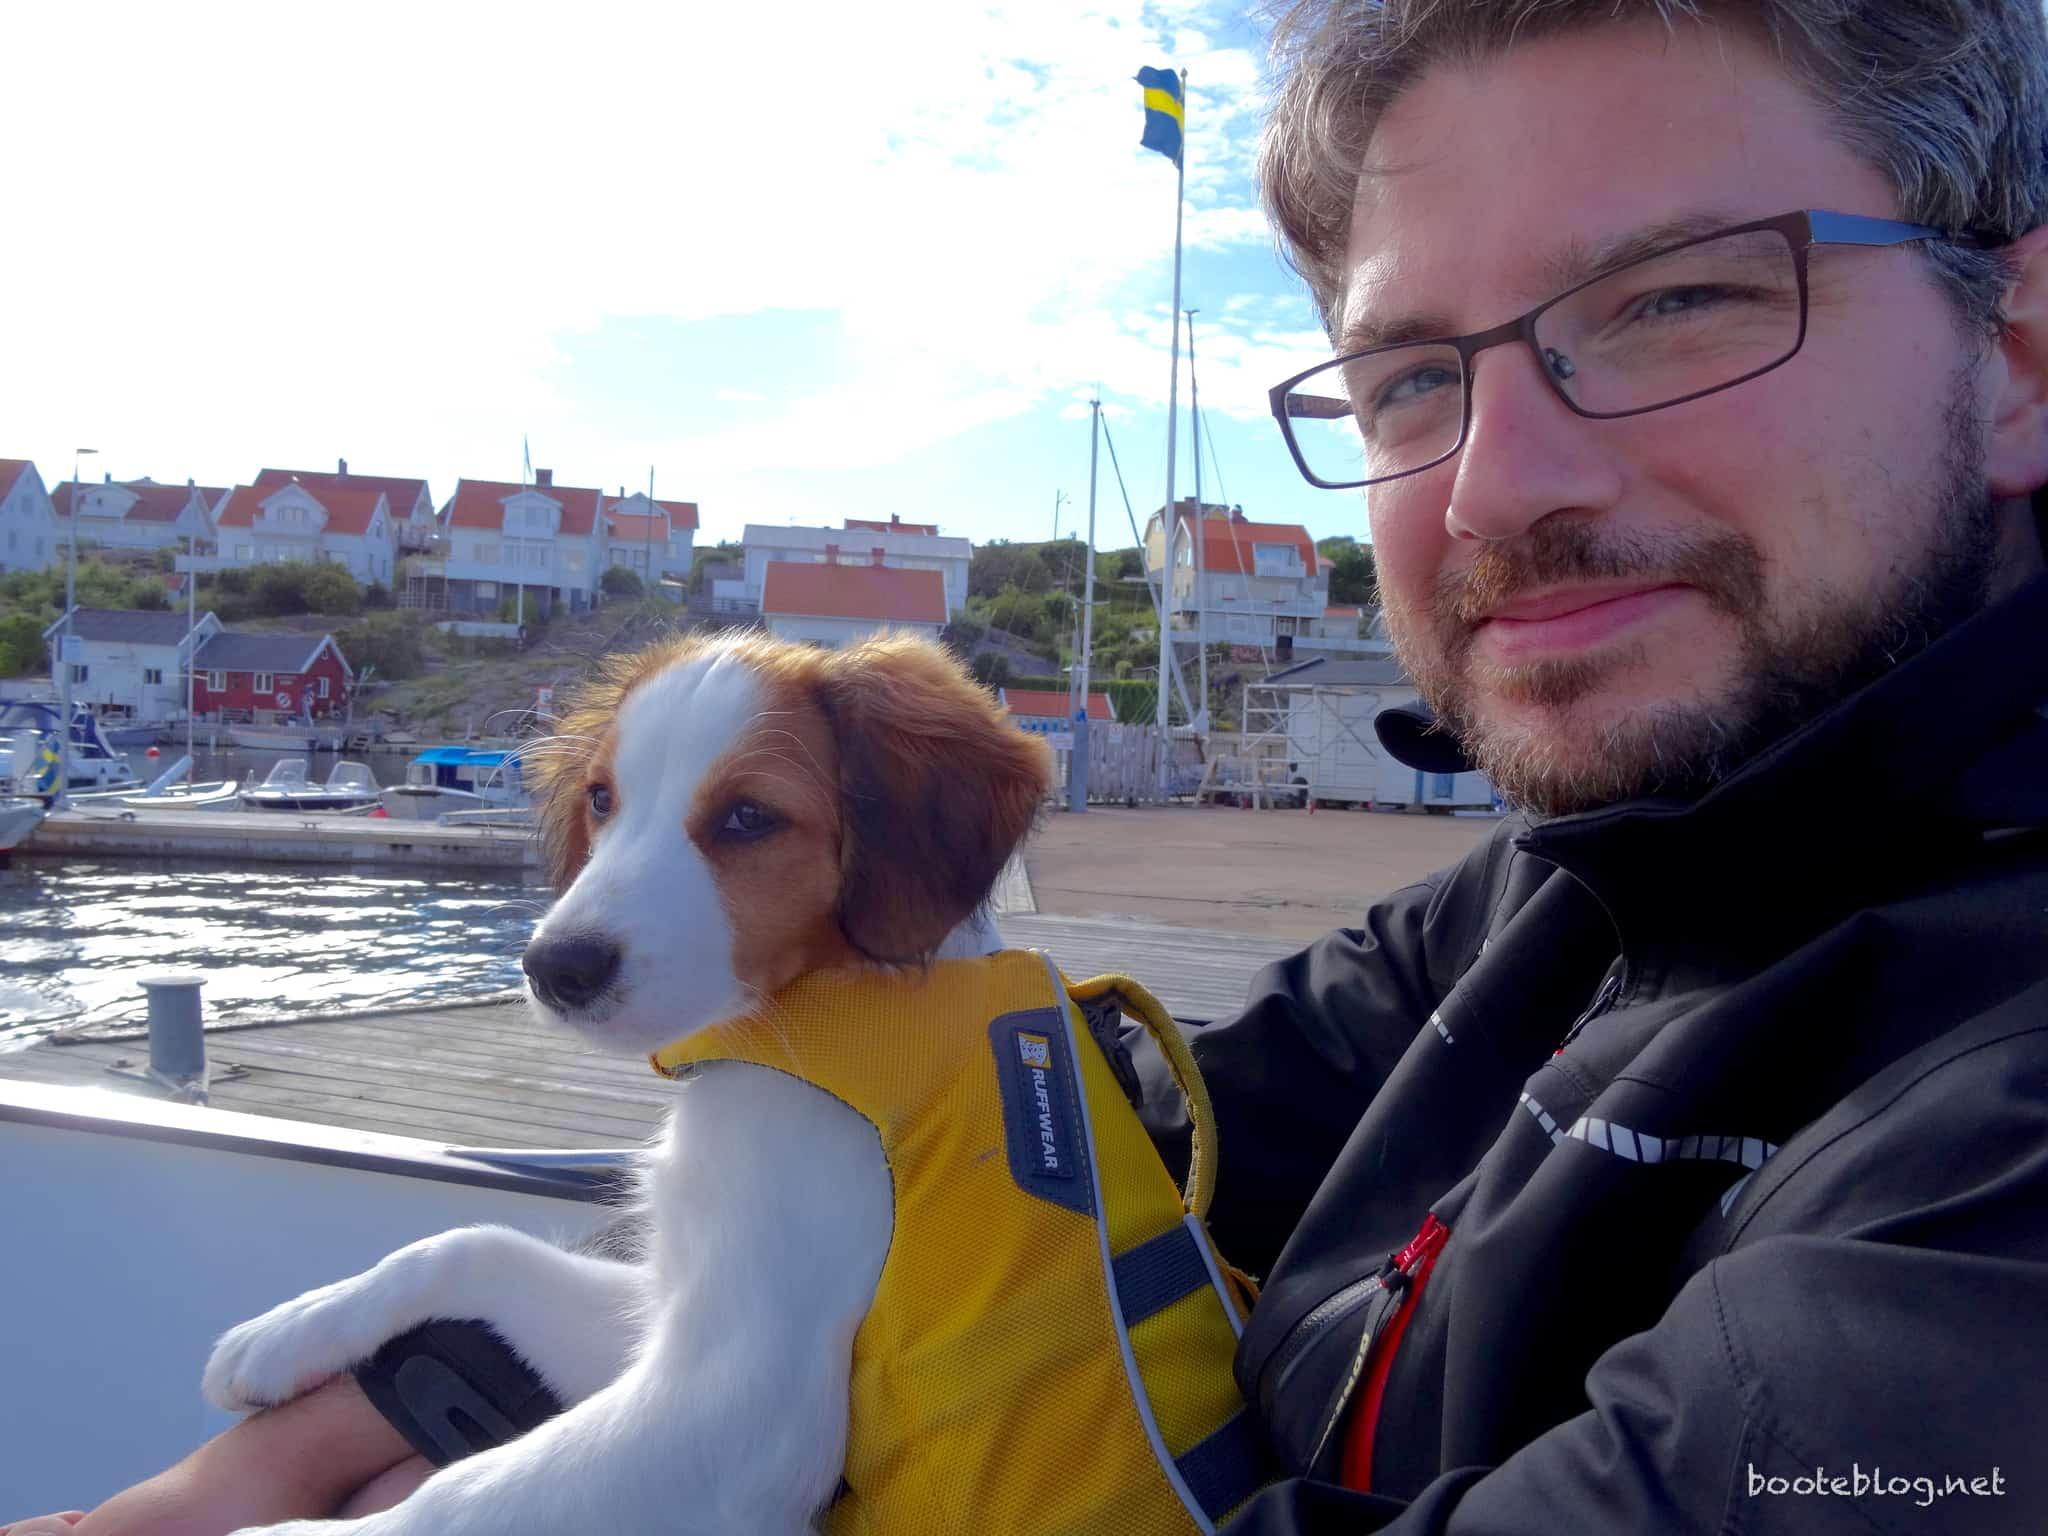 Der Skipper und sein Hondje schauen den Kindern beim schwimmen zu.